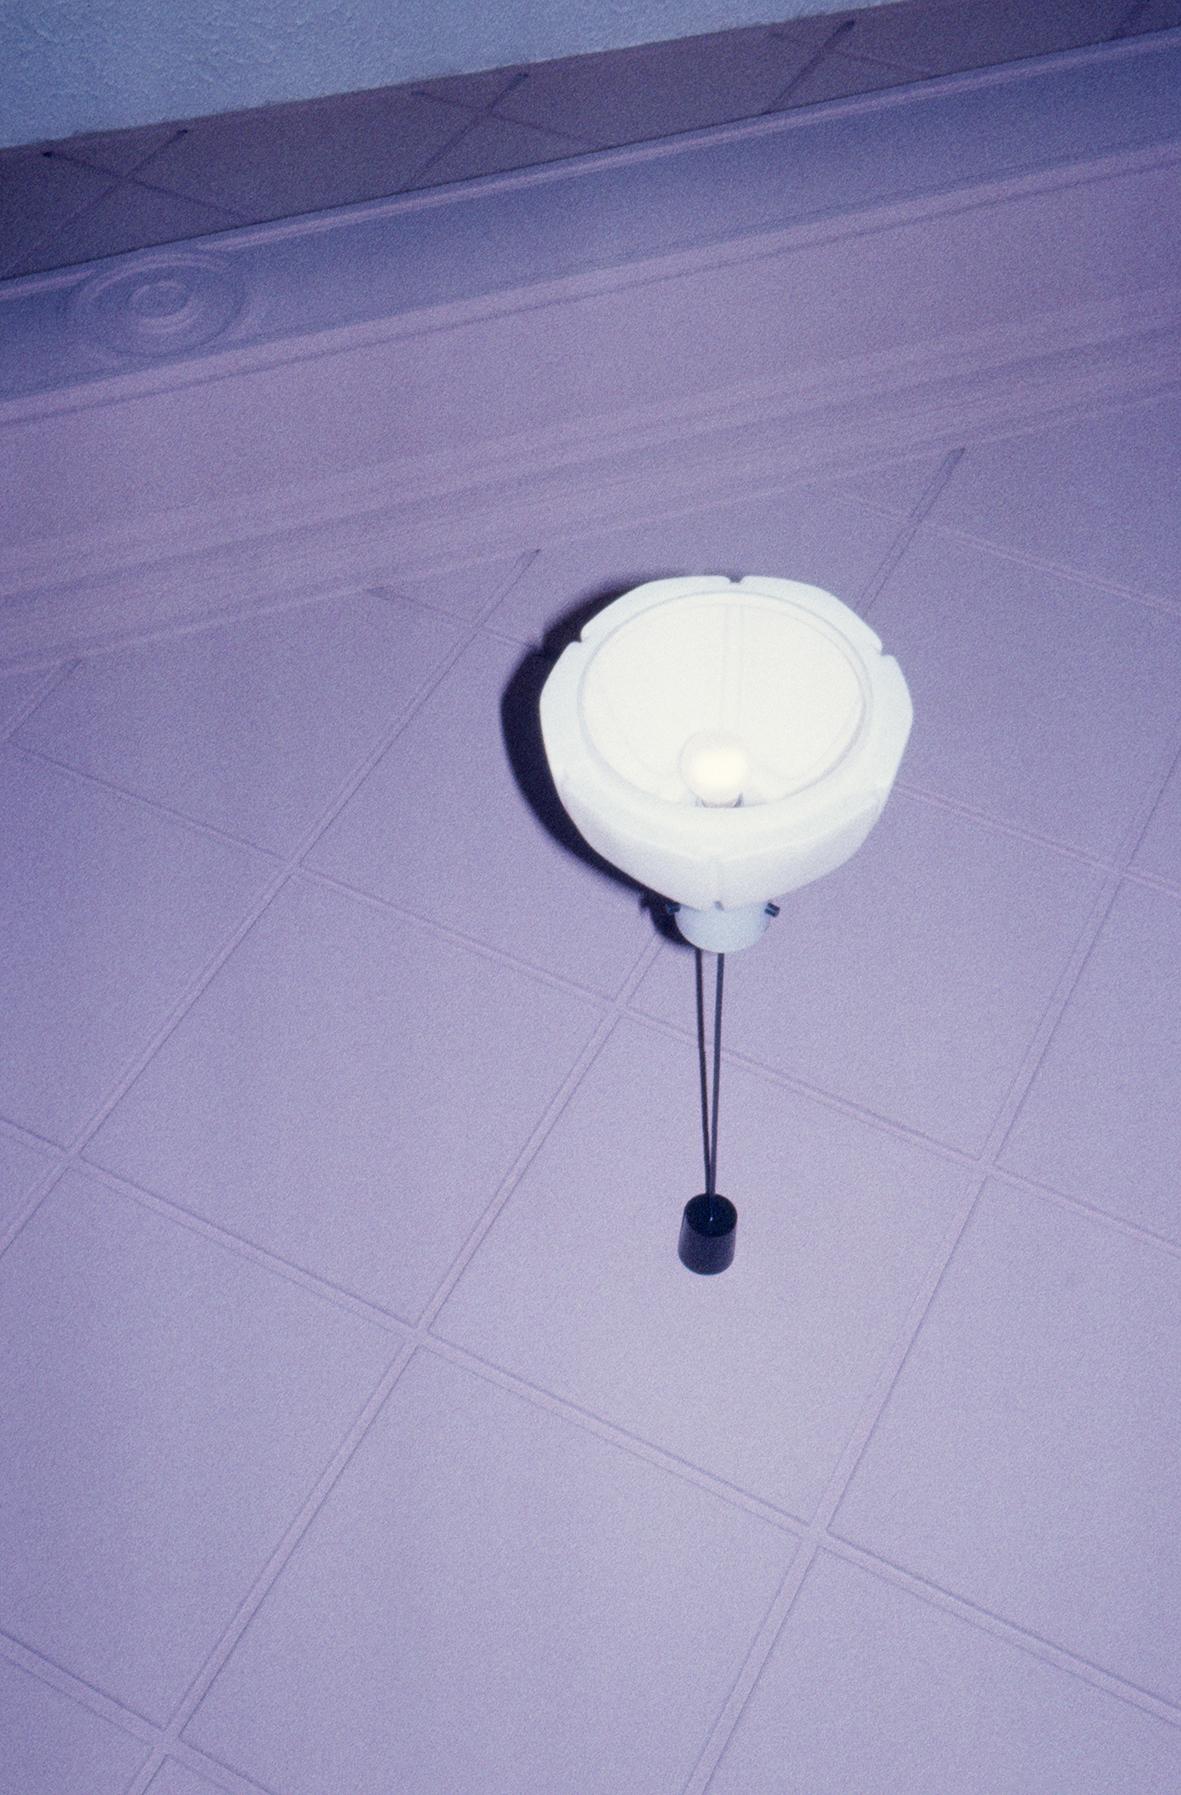 01-luci lampadari 1983.jpg